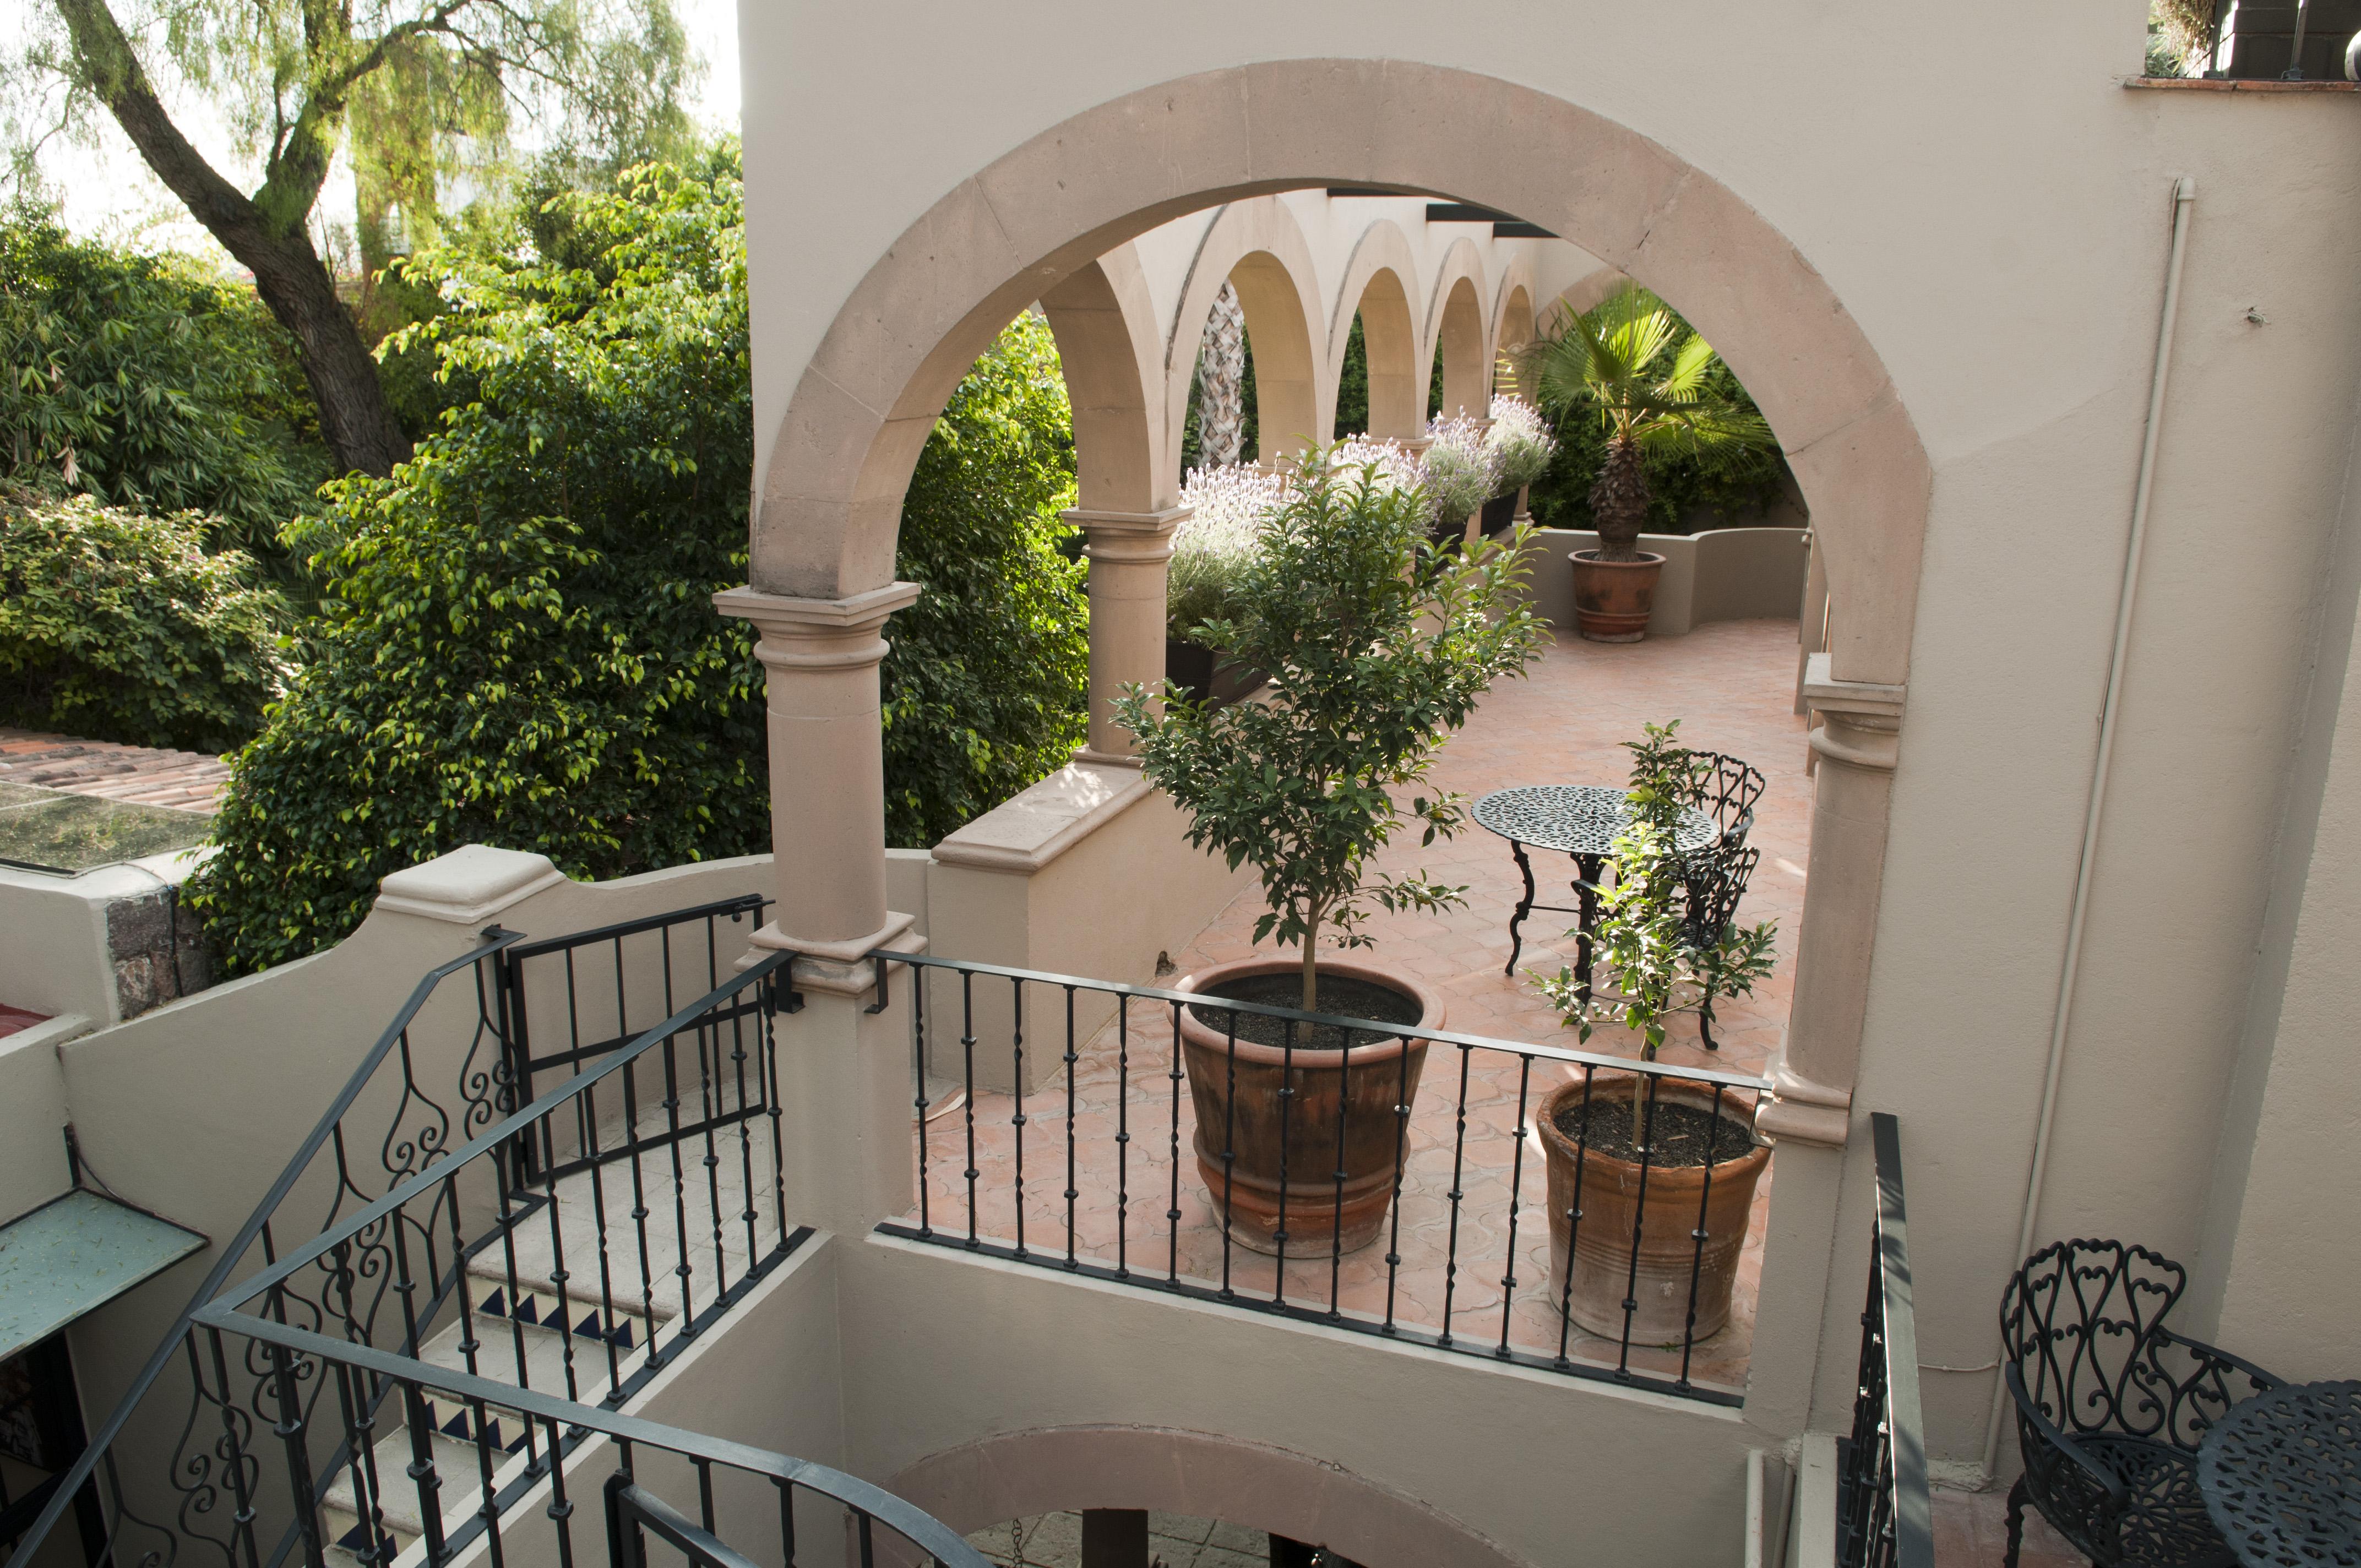 Casa Alegria exterior stairway to 2nd fl